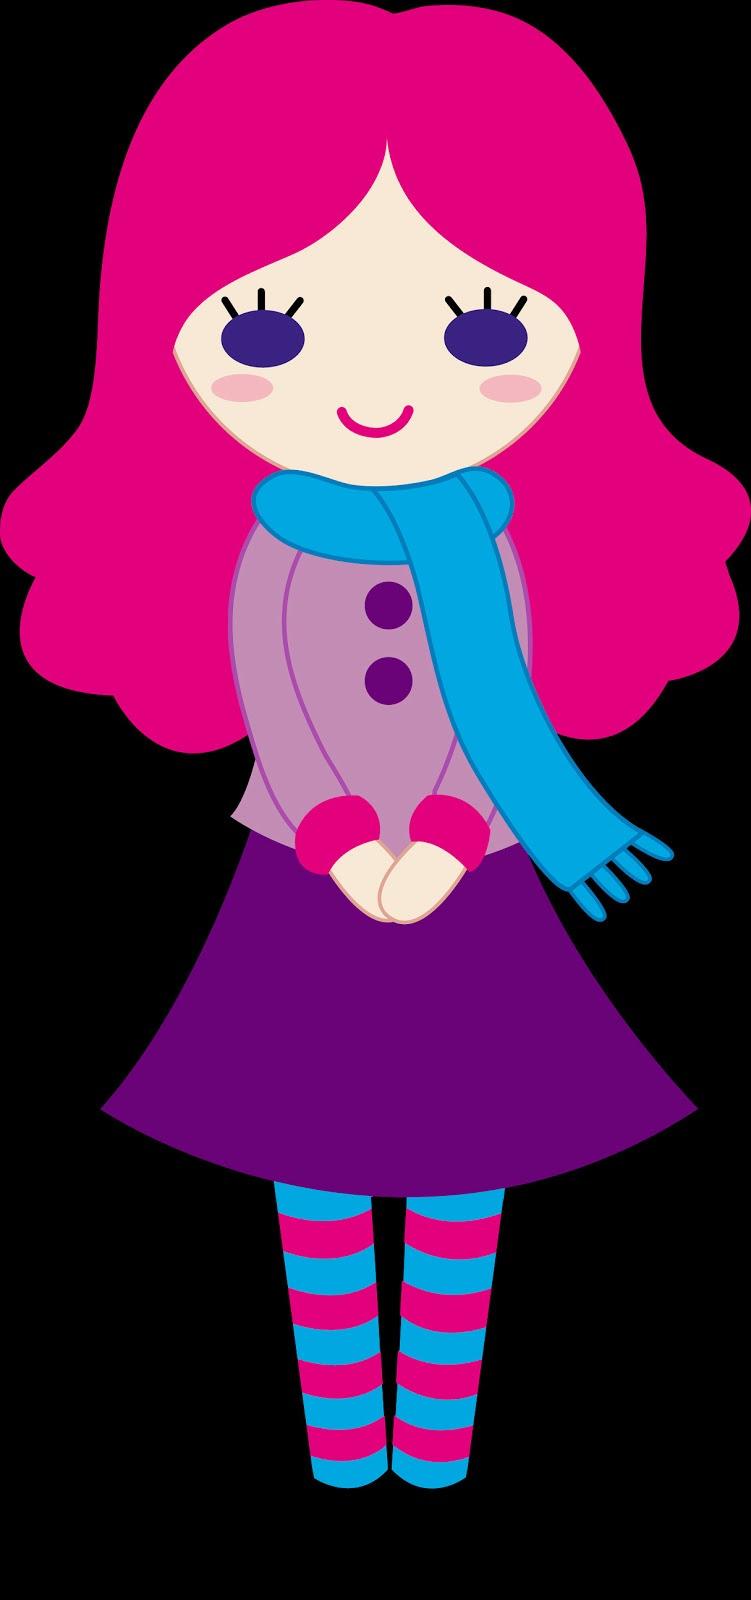 Gambar Animasi Lucu Warna Pink Cugam